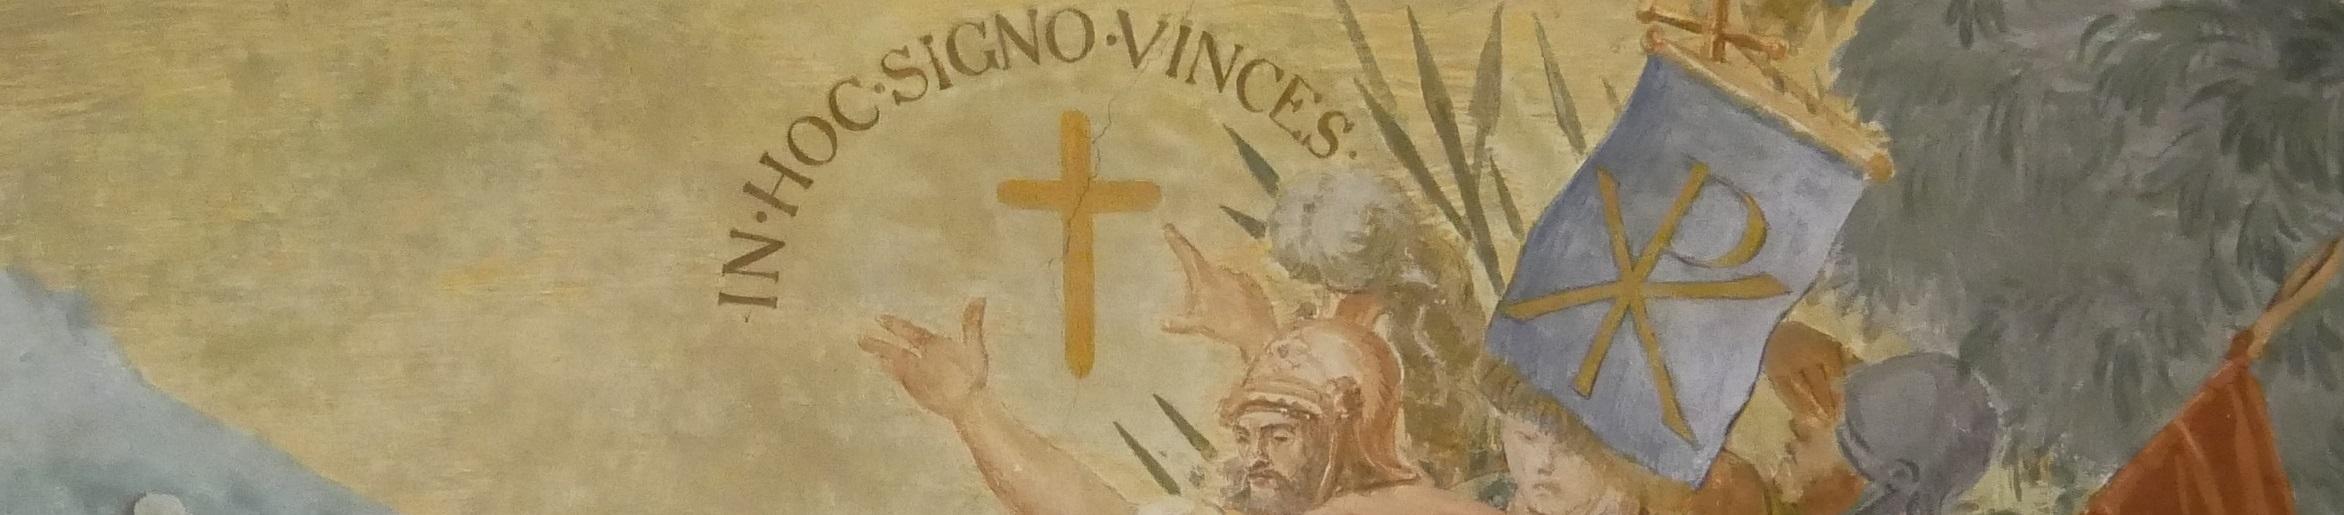 In hoc signo vinces!